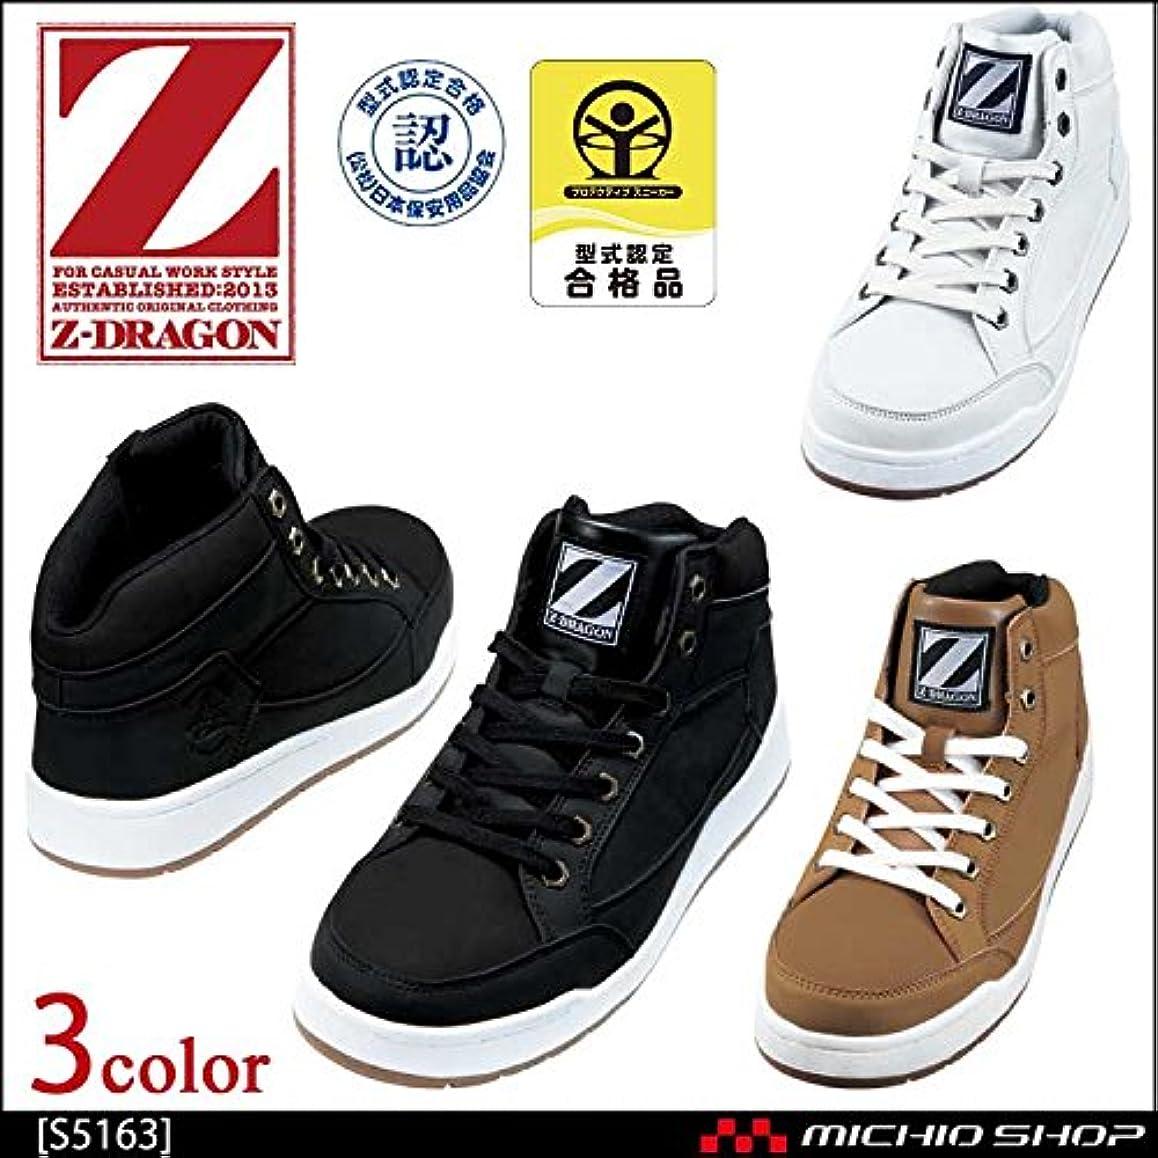 消える喜び前者自重堂 安全靴 Z-DRAGON セーフティスニーカー S5163 ミドルカットColor:ホワイト[C/0374] 26.5